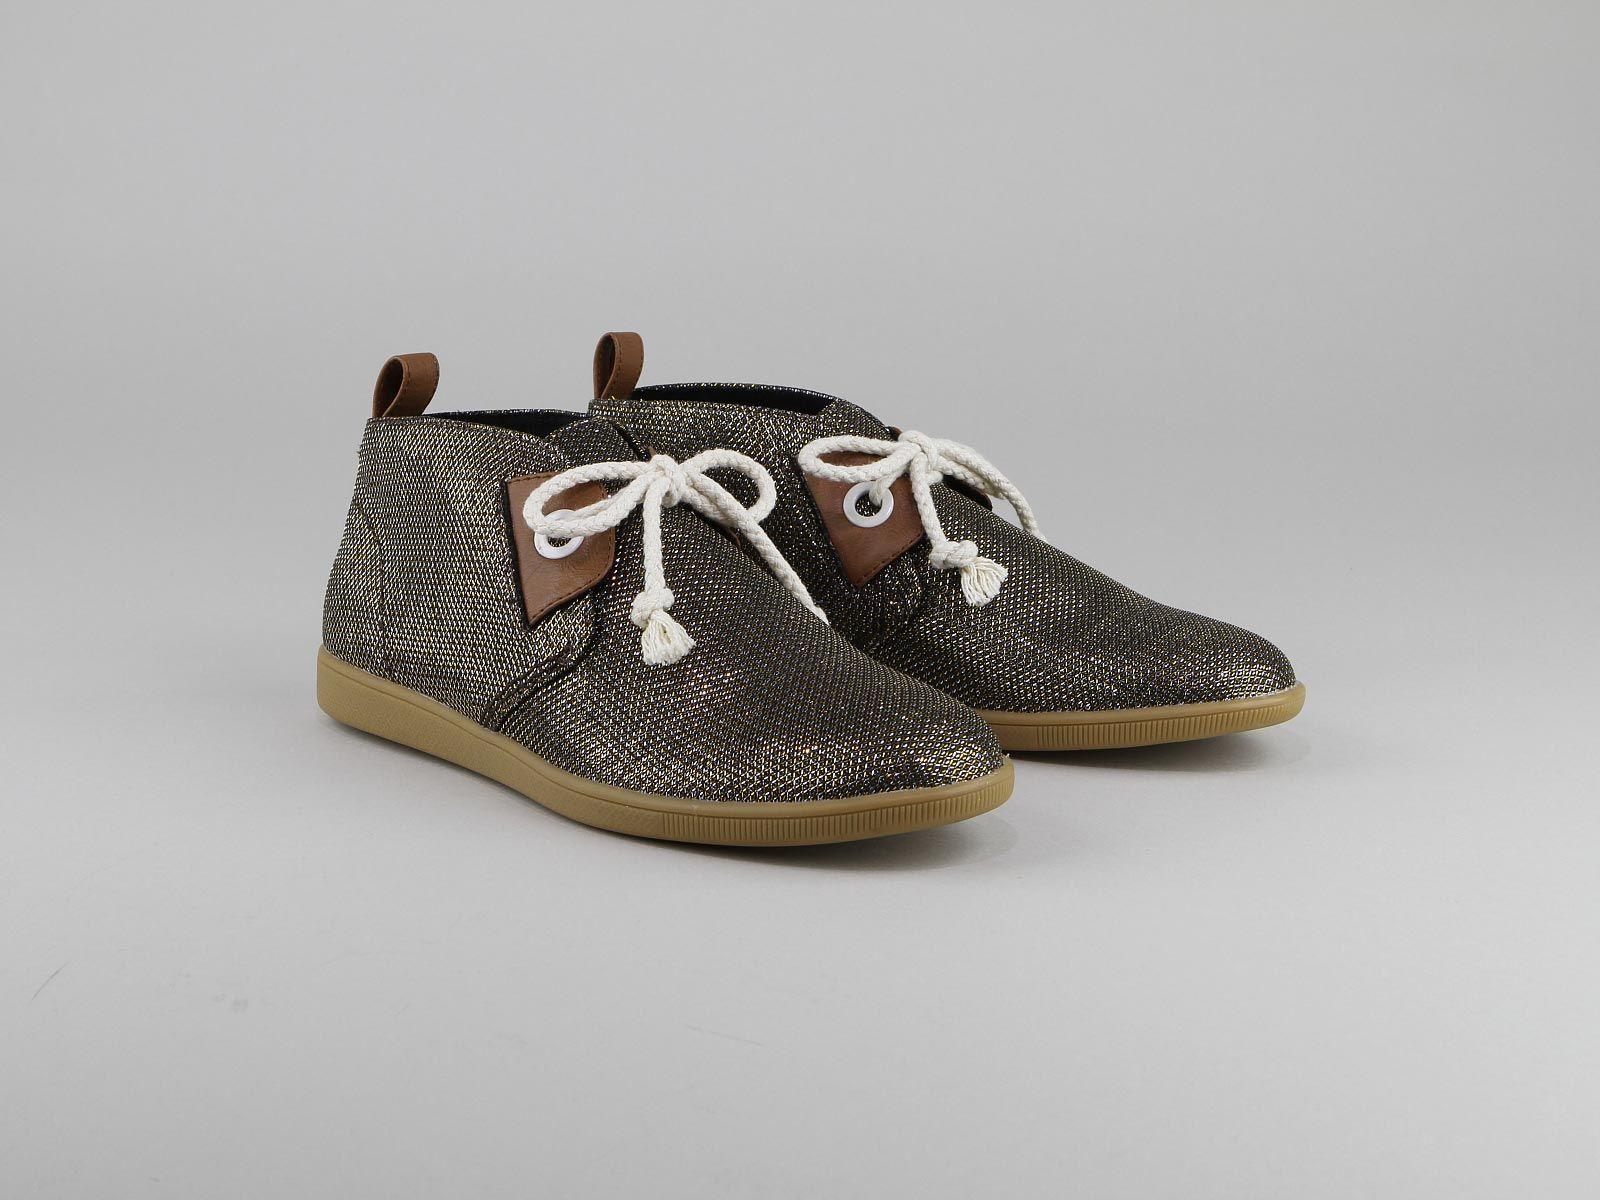 new concept 4b0d0 444cd chaussure armistices   Armistice STONE MID CUT - Chaussures Femme - Montants